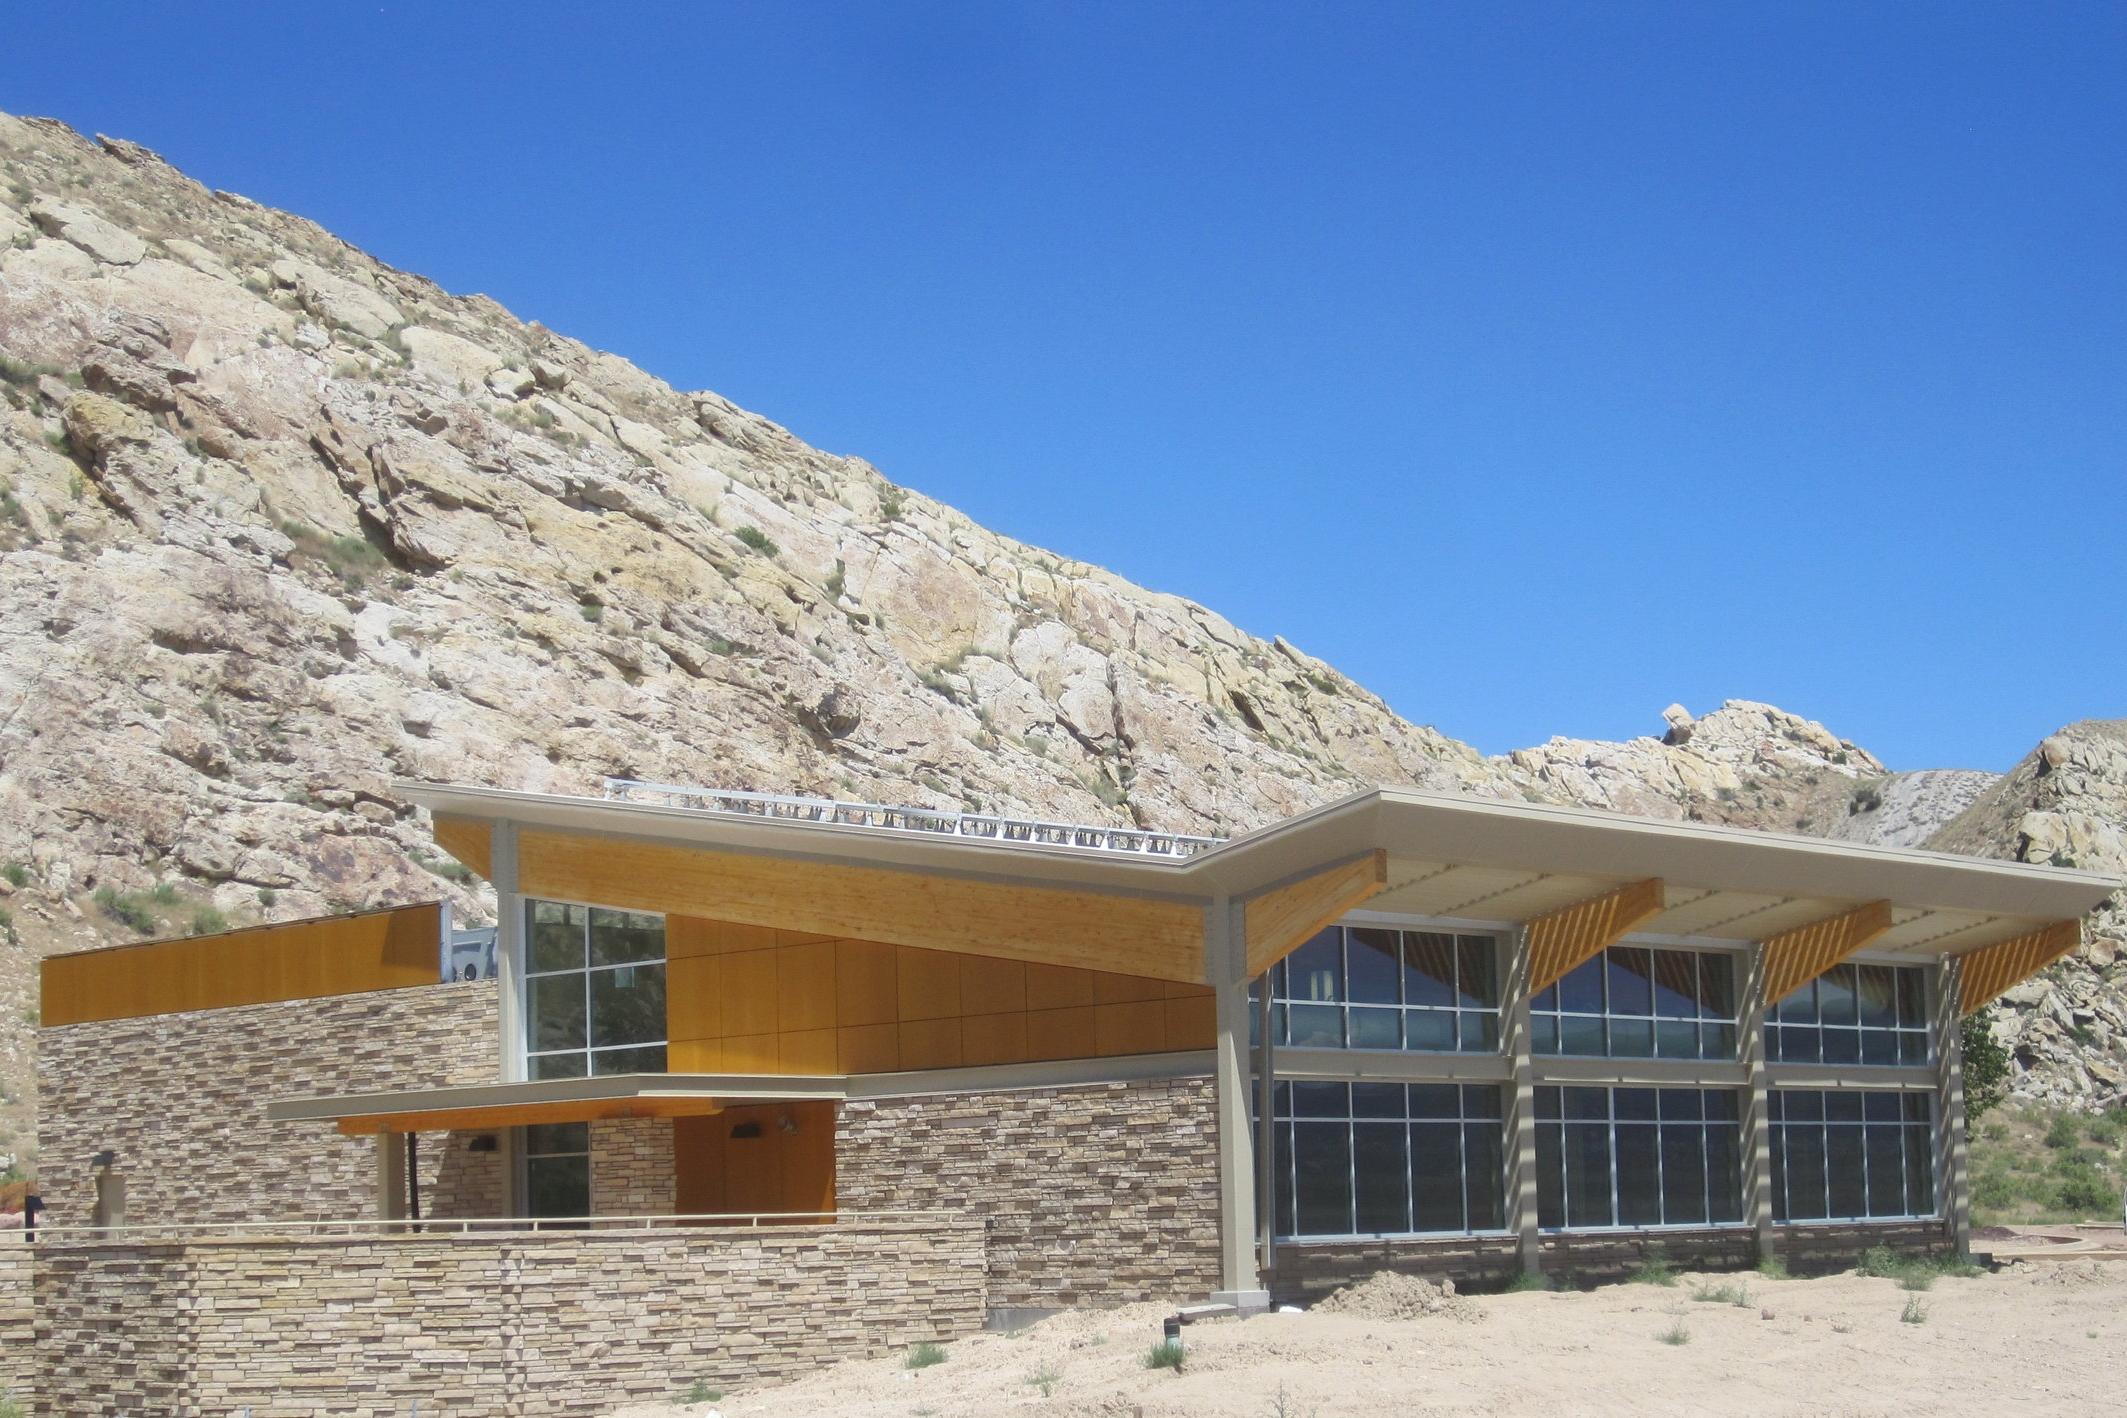 3 OutOverall - NE - Visitor Center.JPG